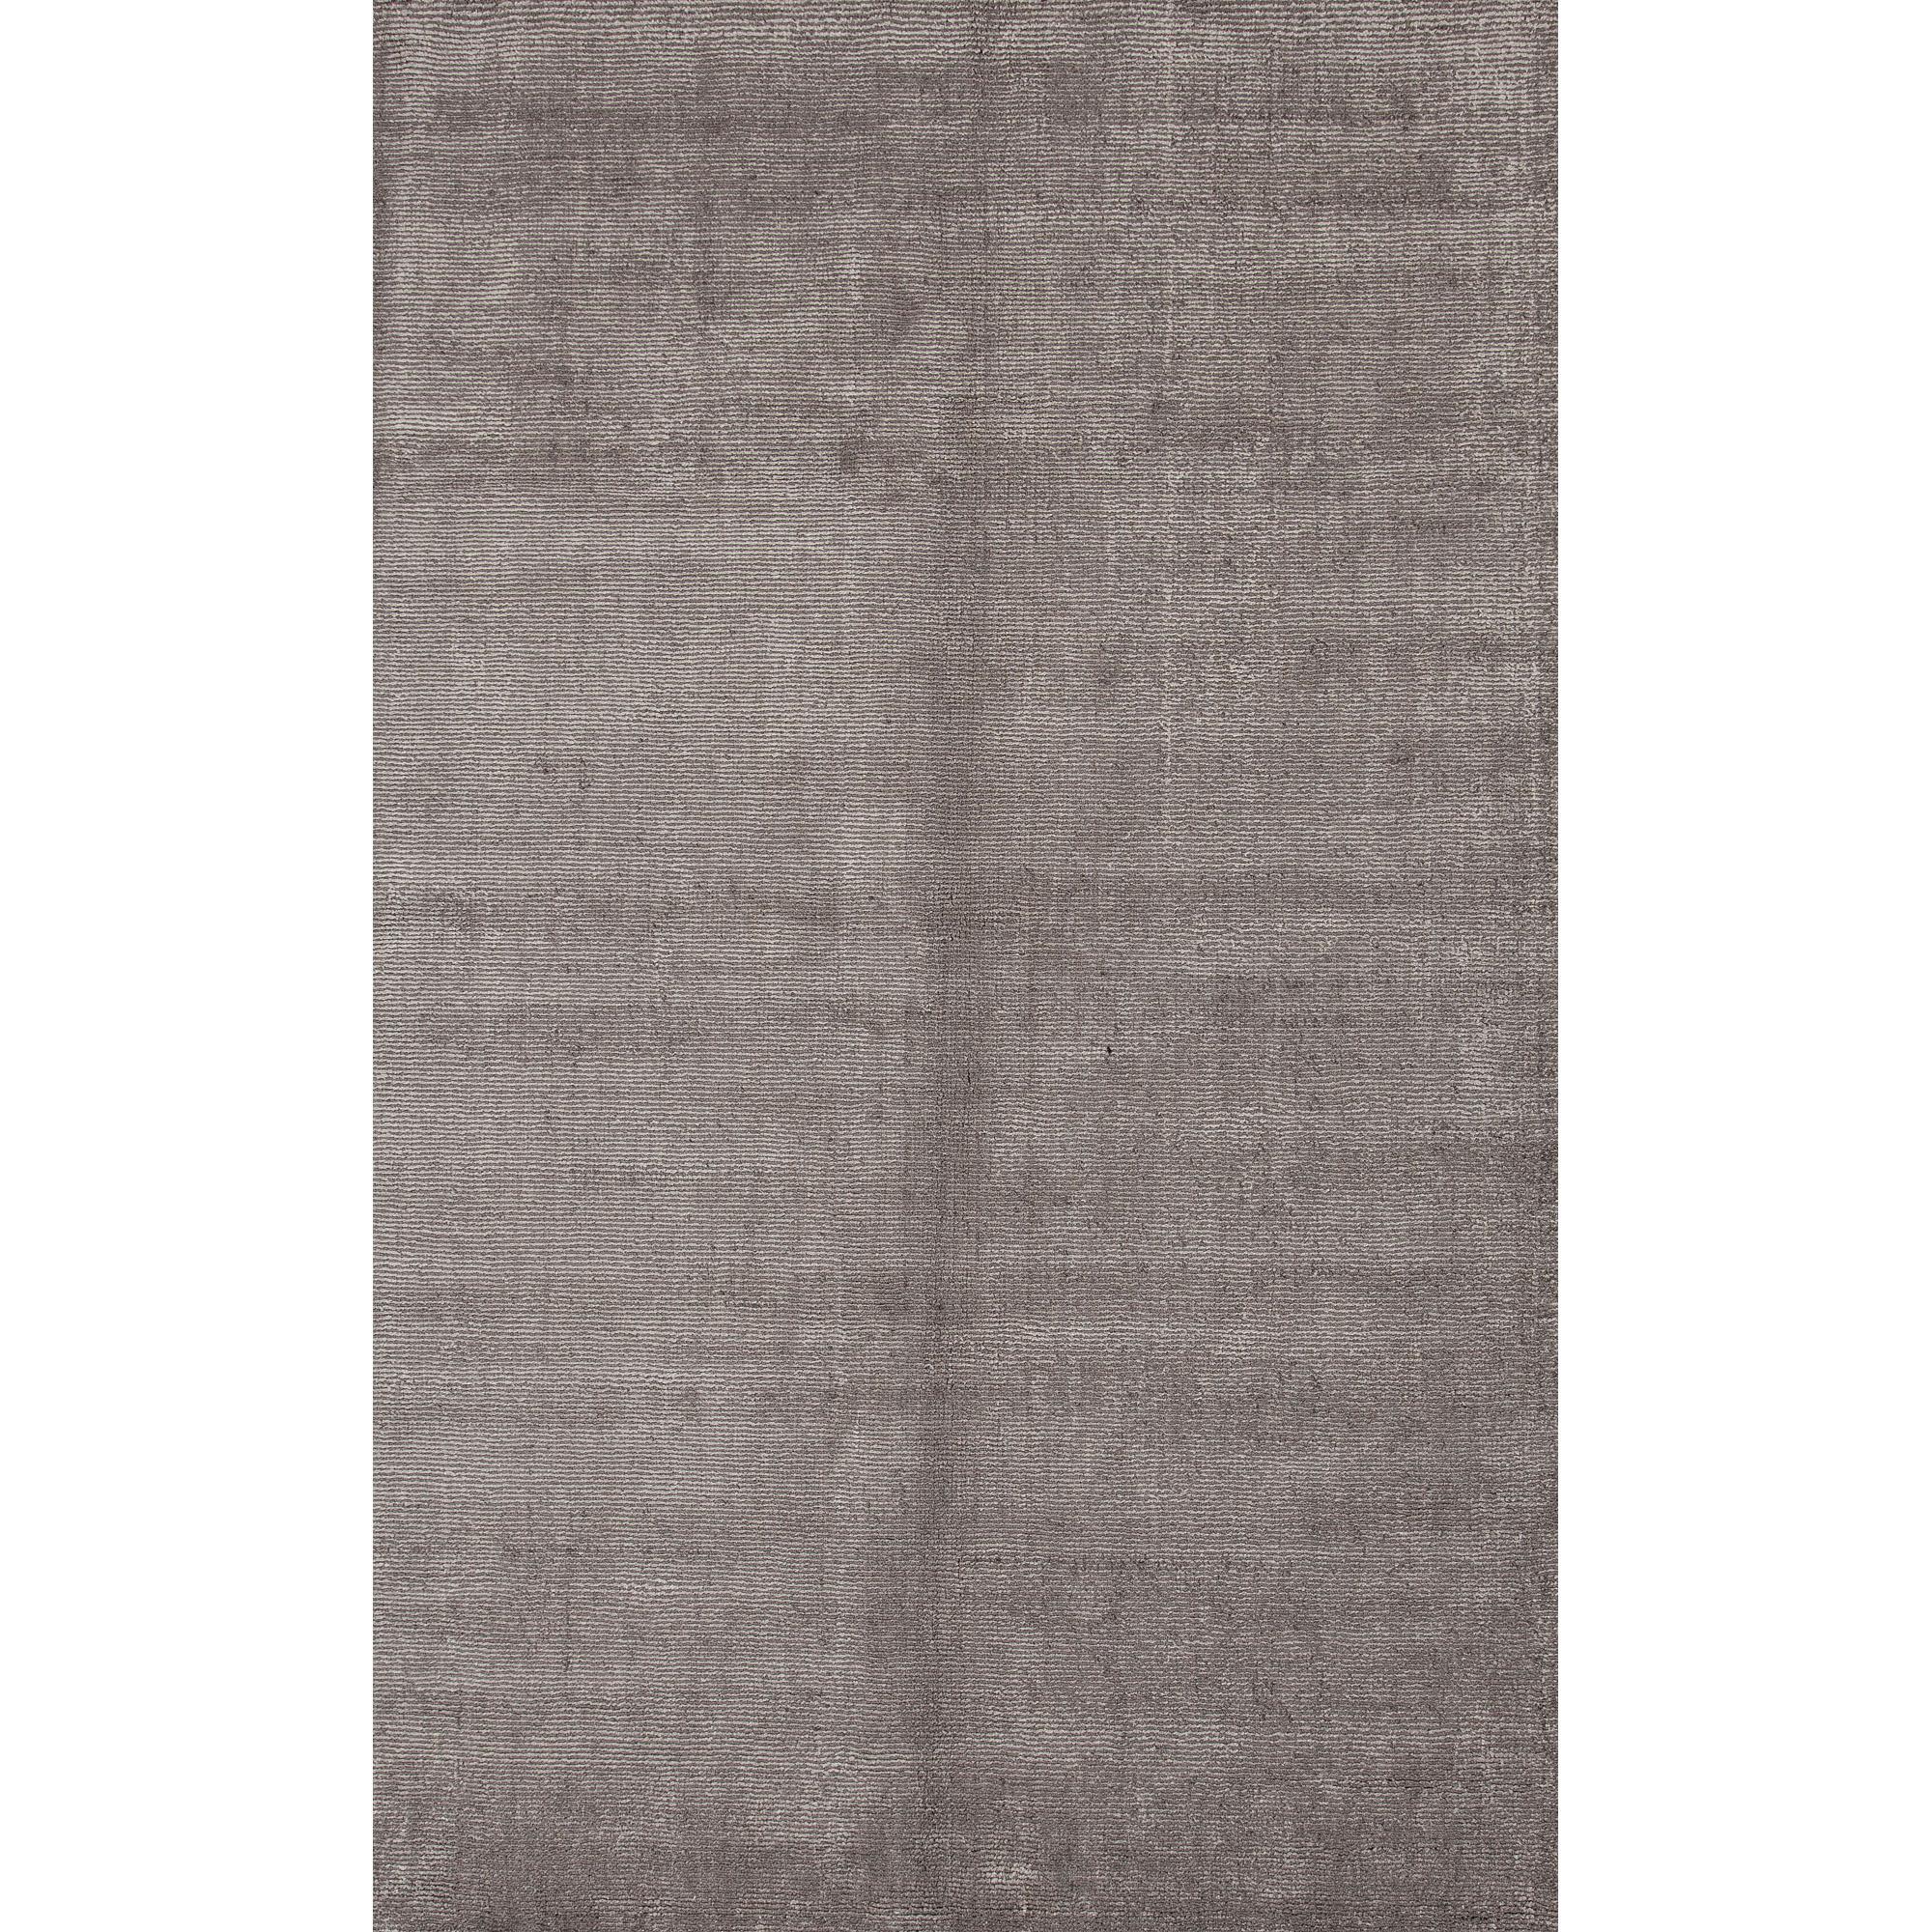 JAIPUR Rugs Konstrukt 8 x 10 Rug - Item Number: RUG102379